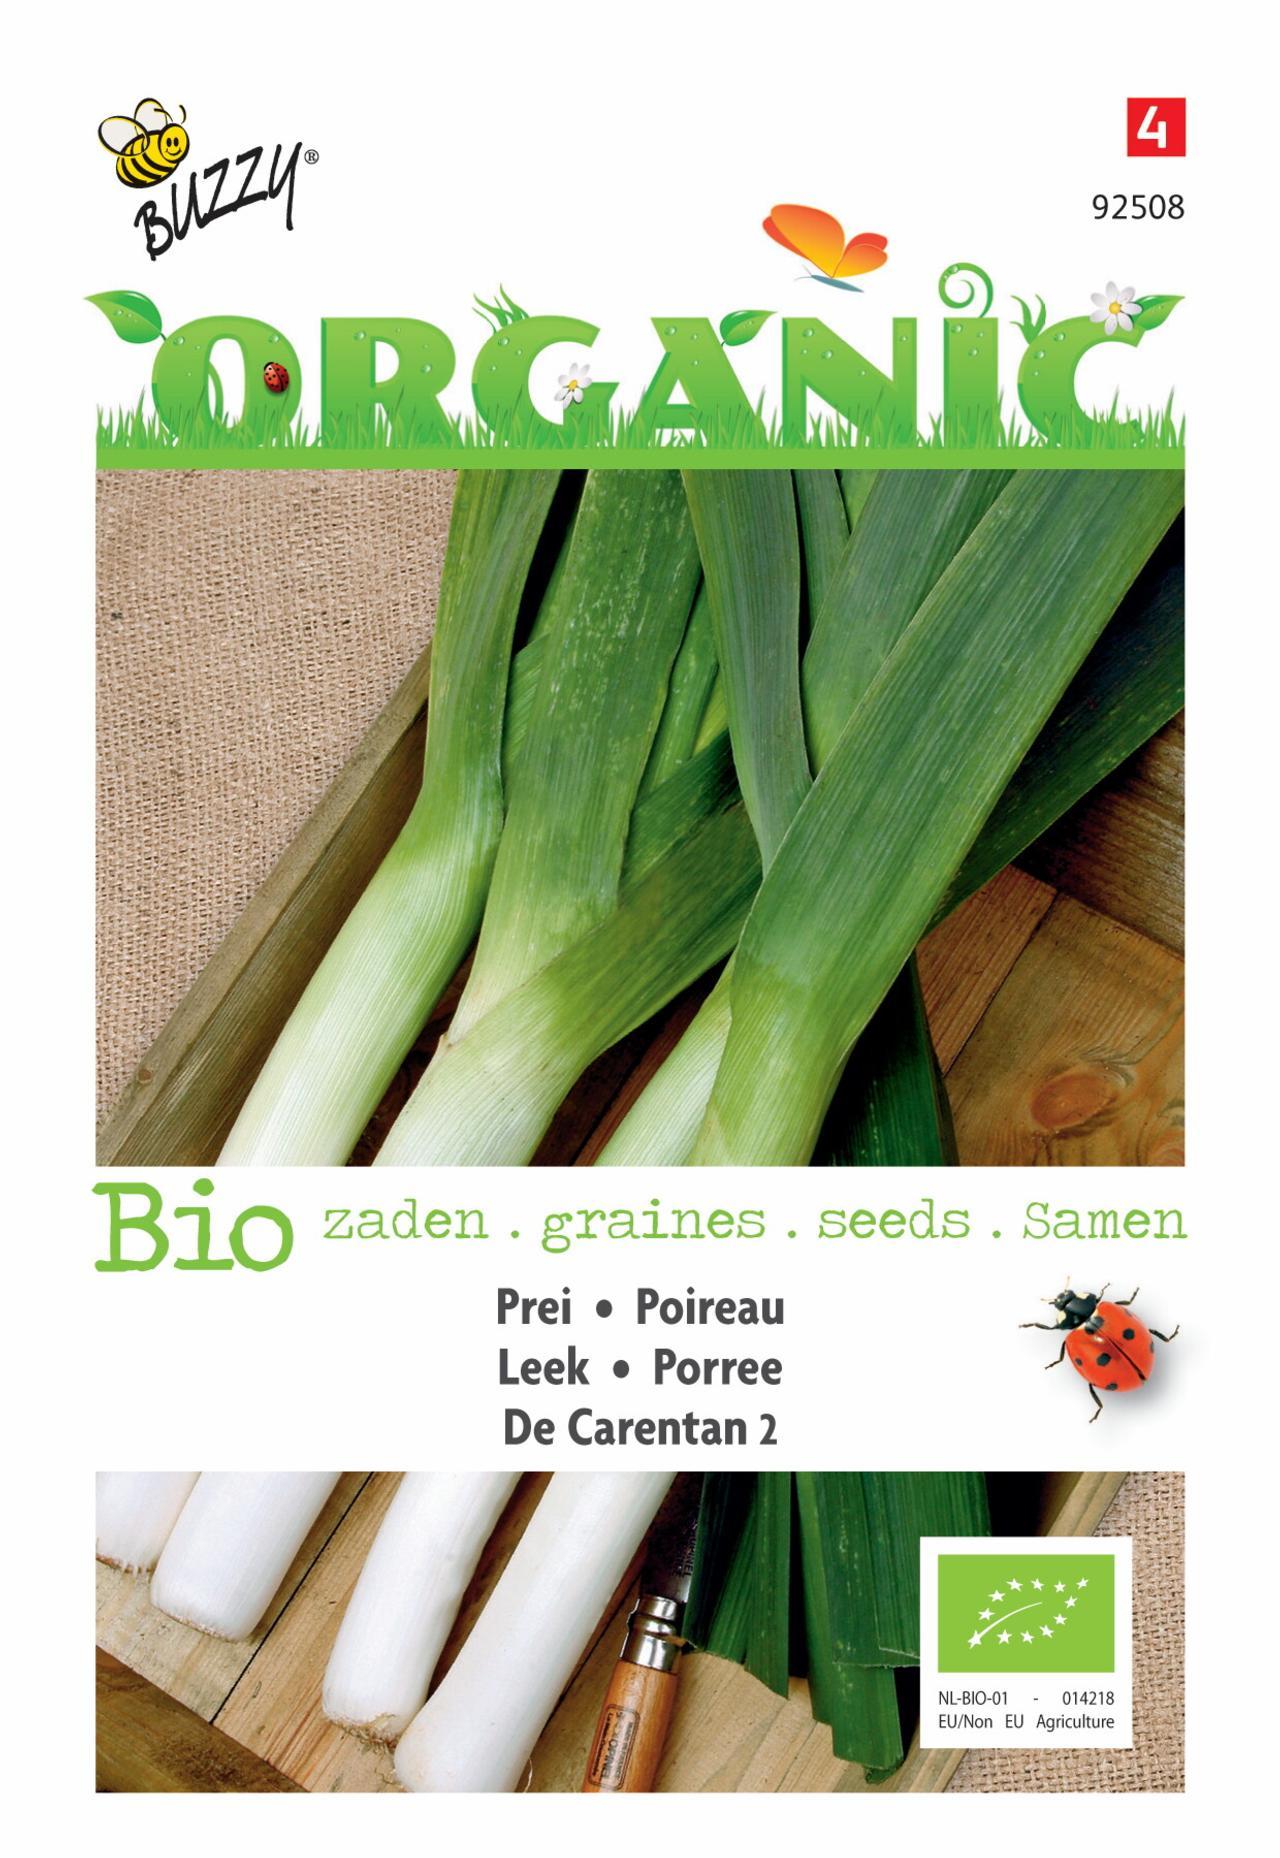 Allium porrum 'De Carentan 2' (BIO) plant